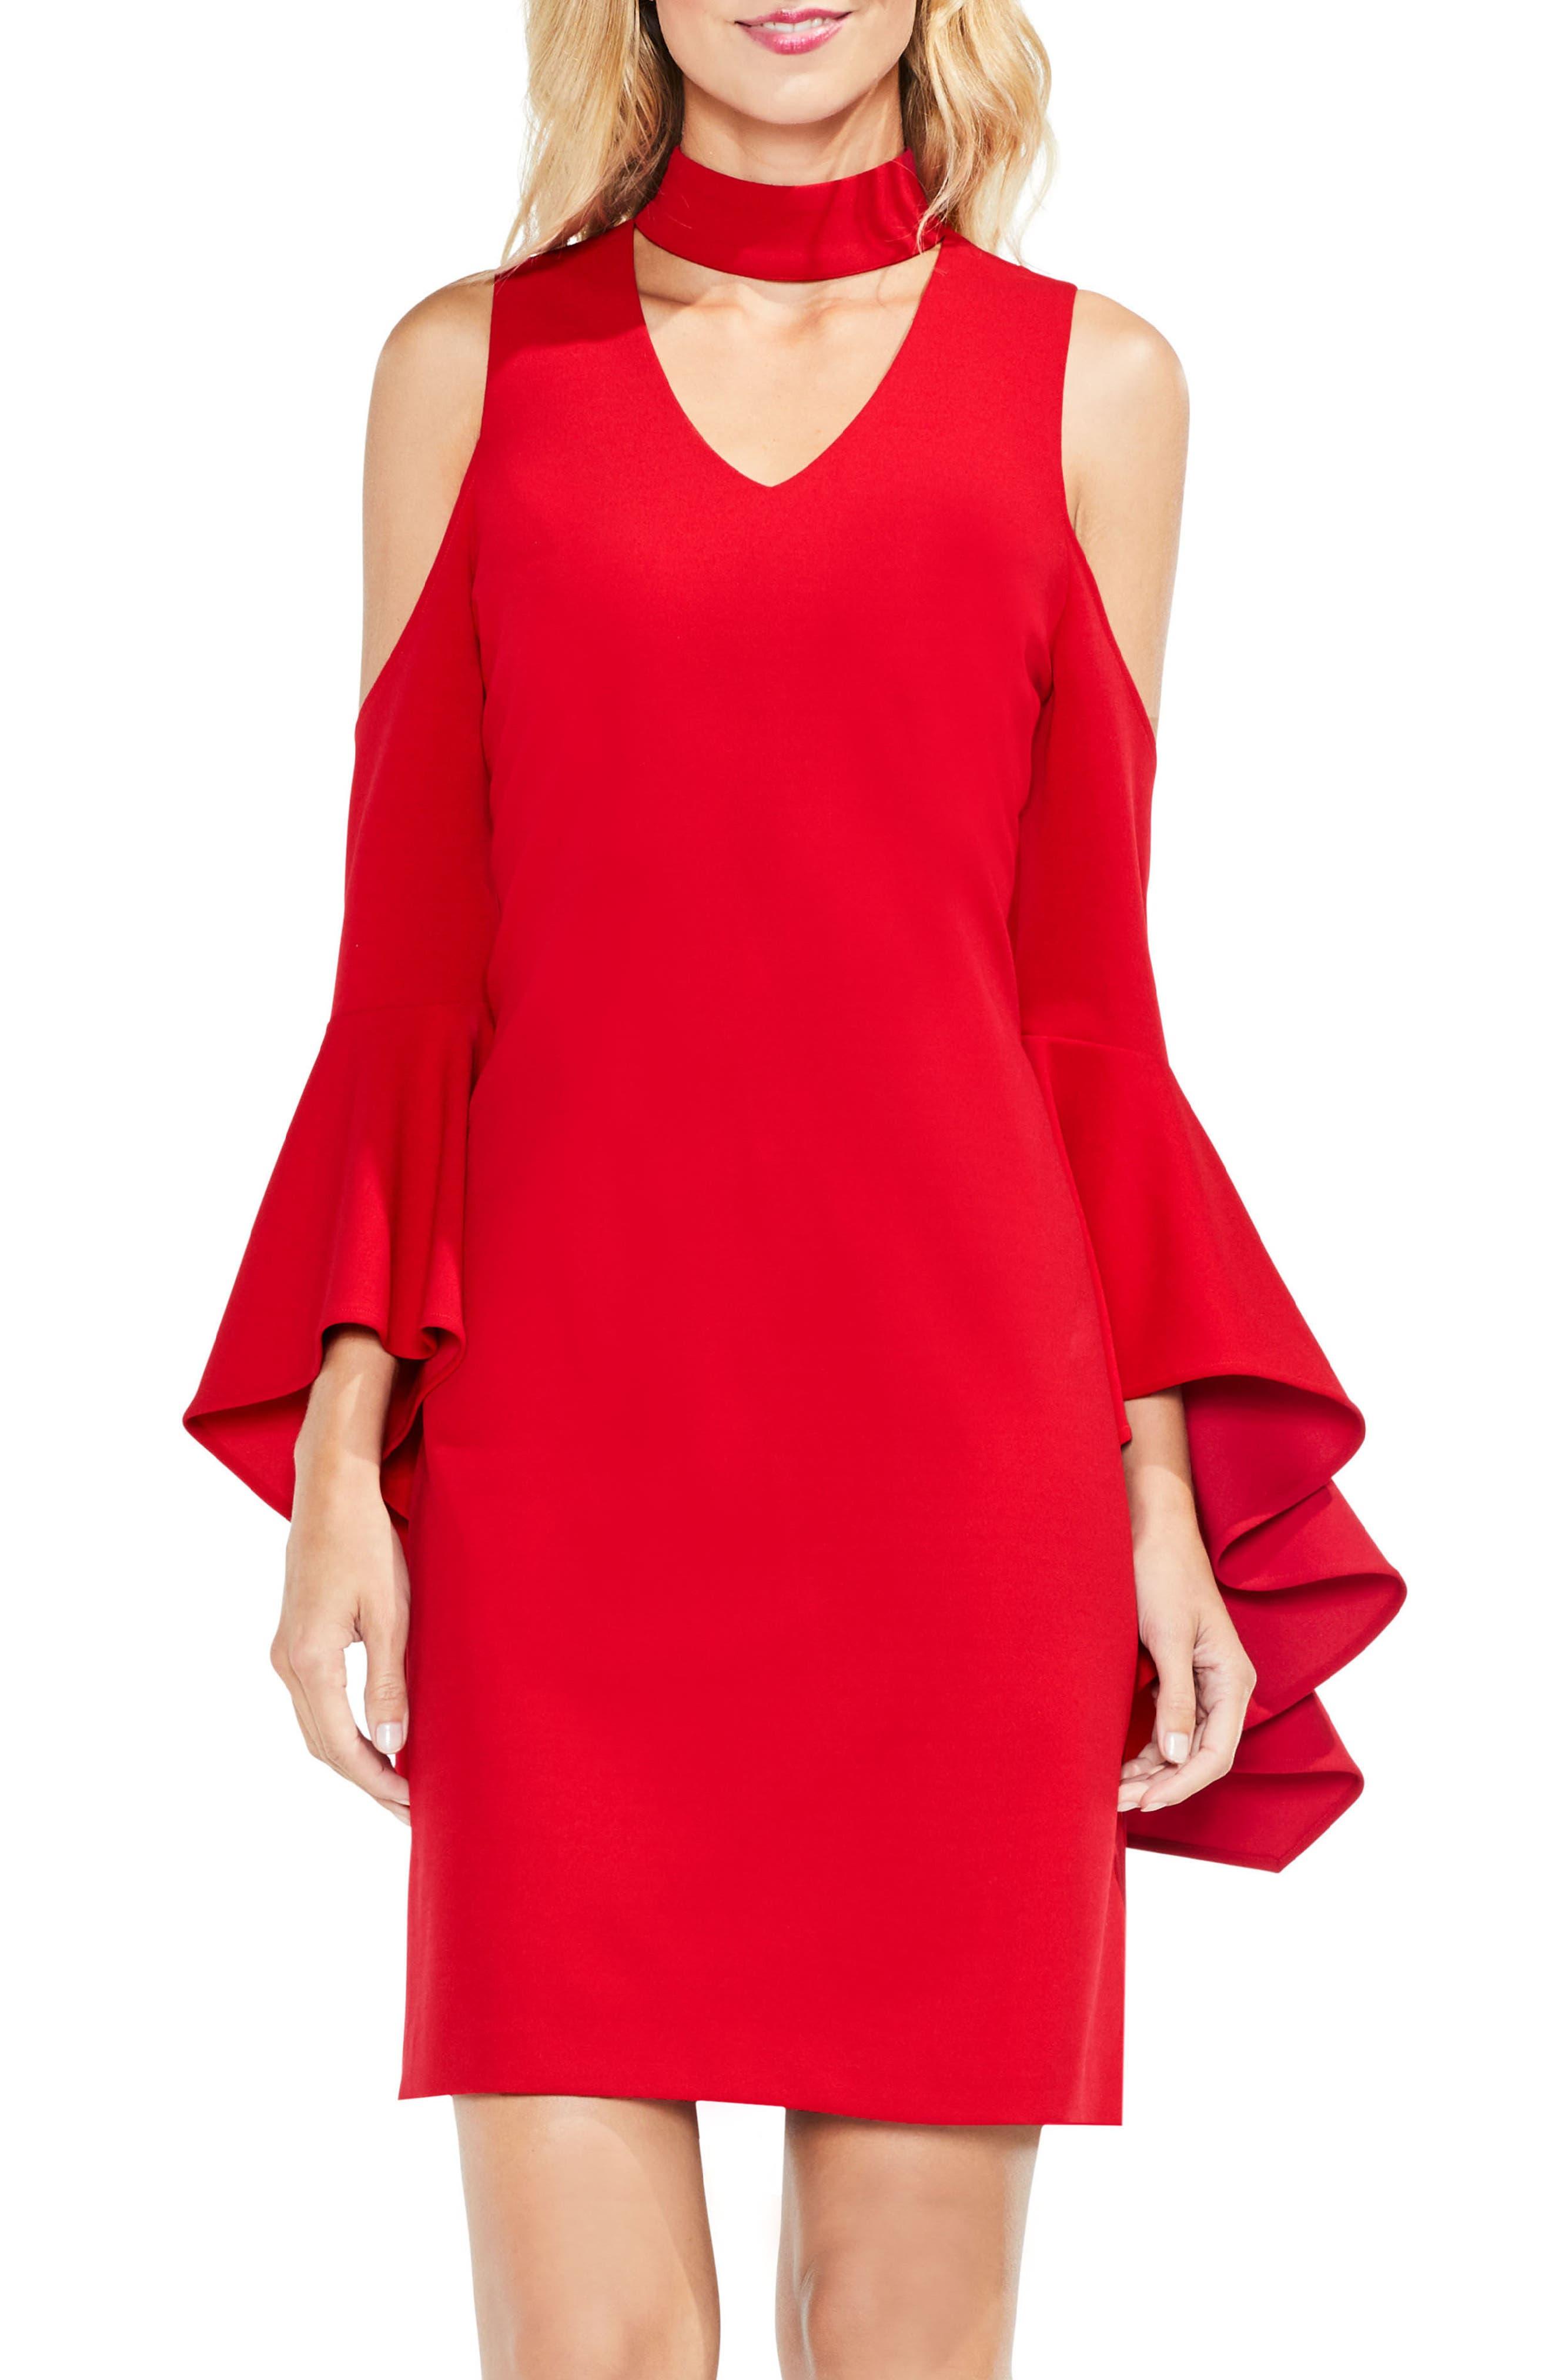 Alternate Image 1 Selected - Vince Camuto Cold Shoulder Bell Sleeve Dress